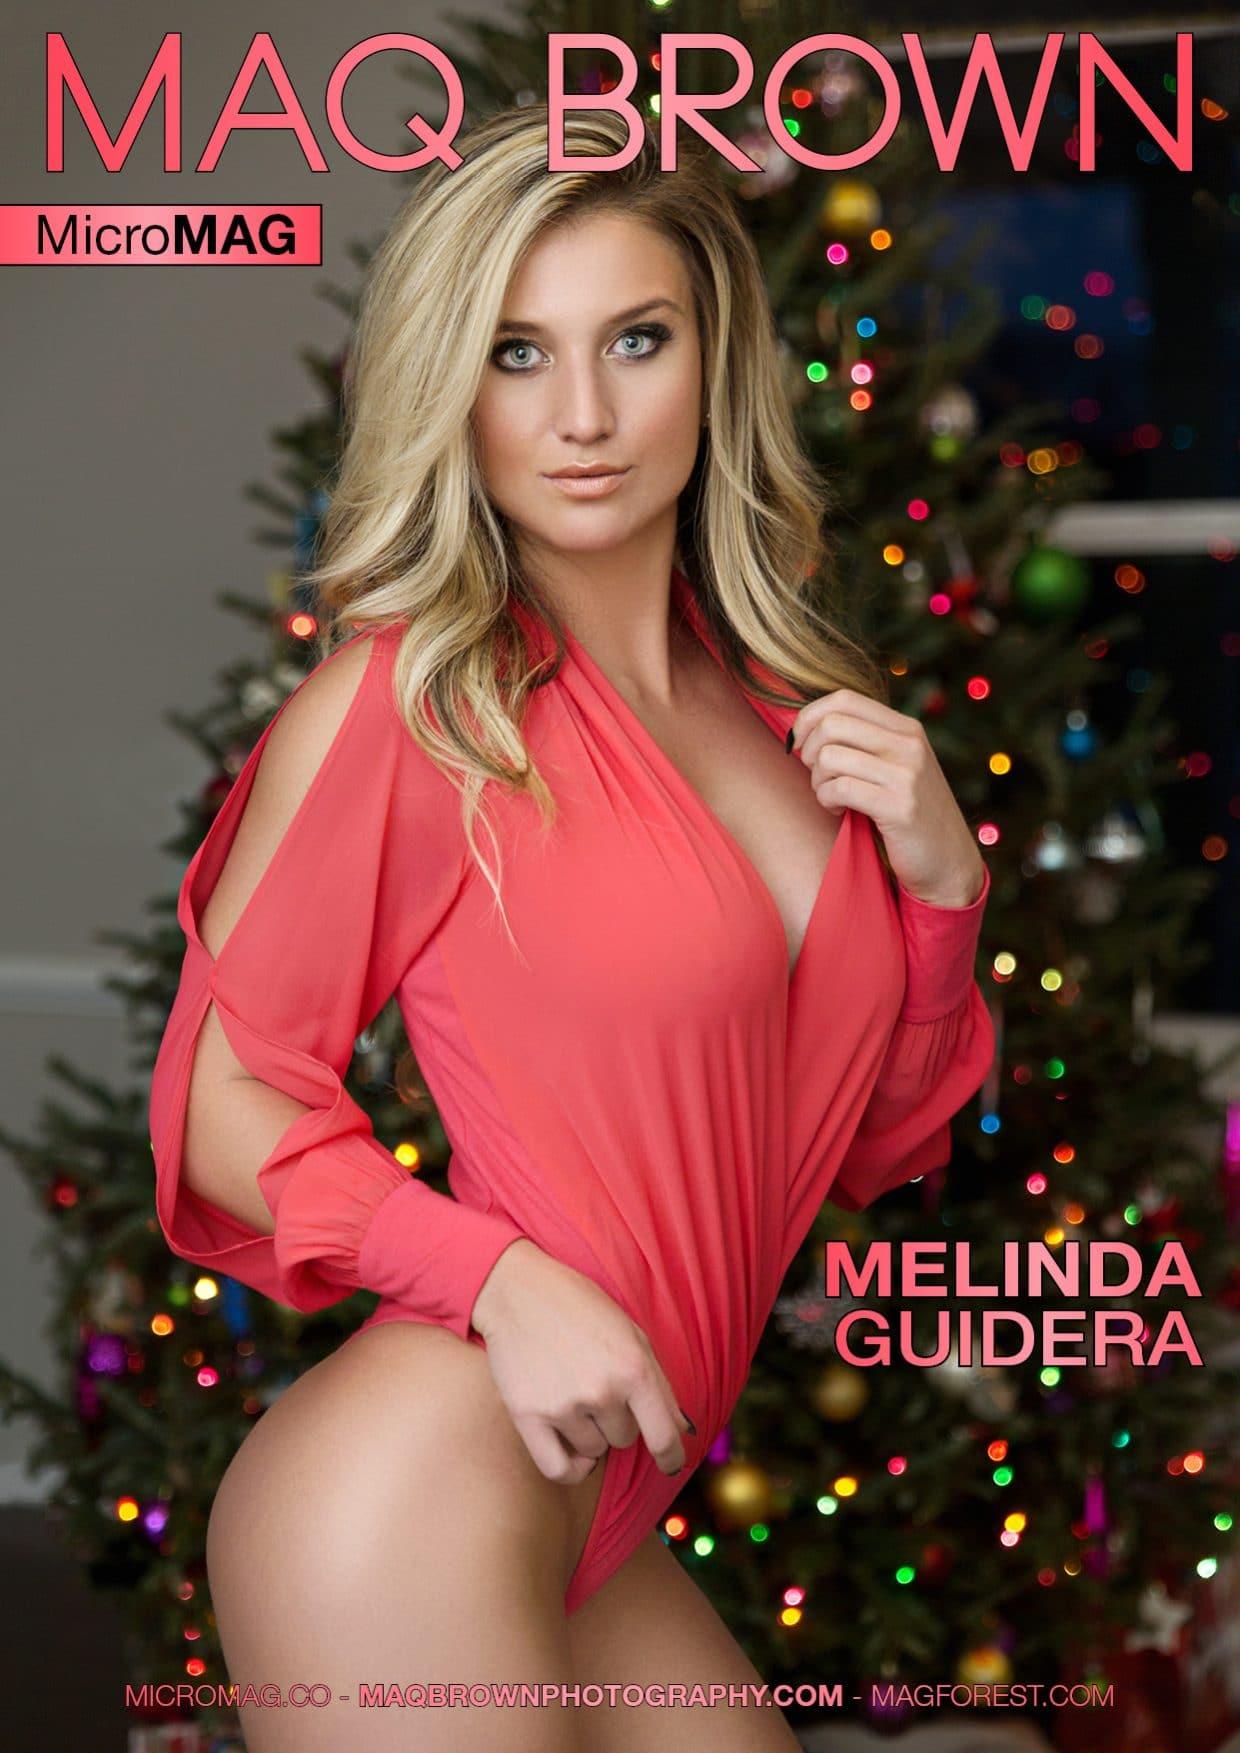 Maq Brown Micromag – Melinda Guidera